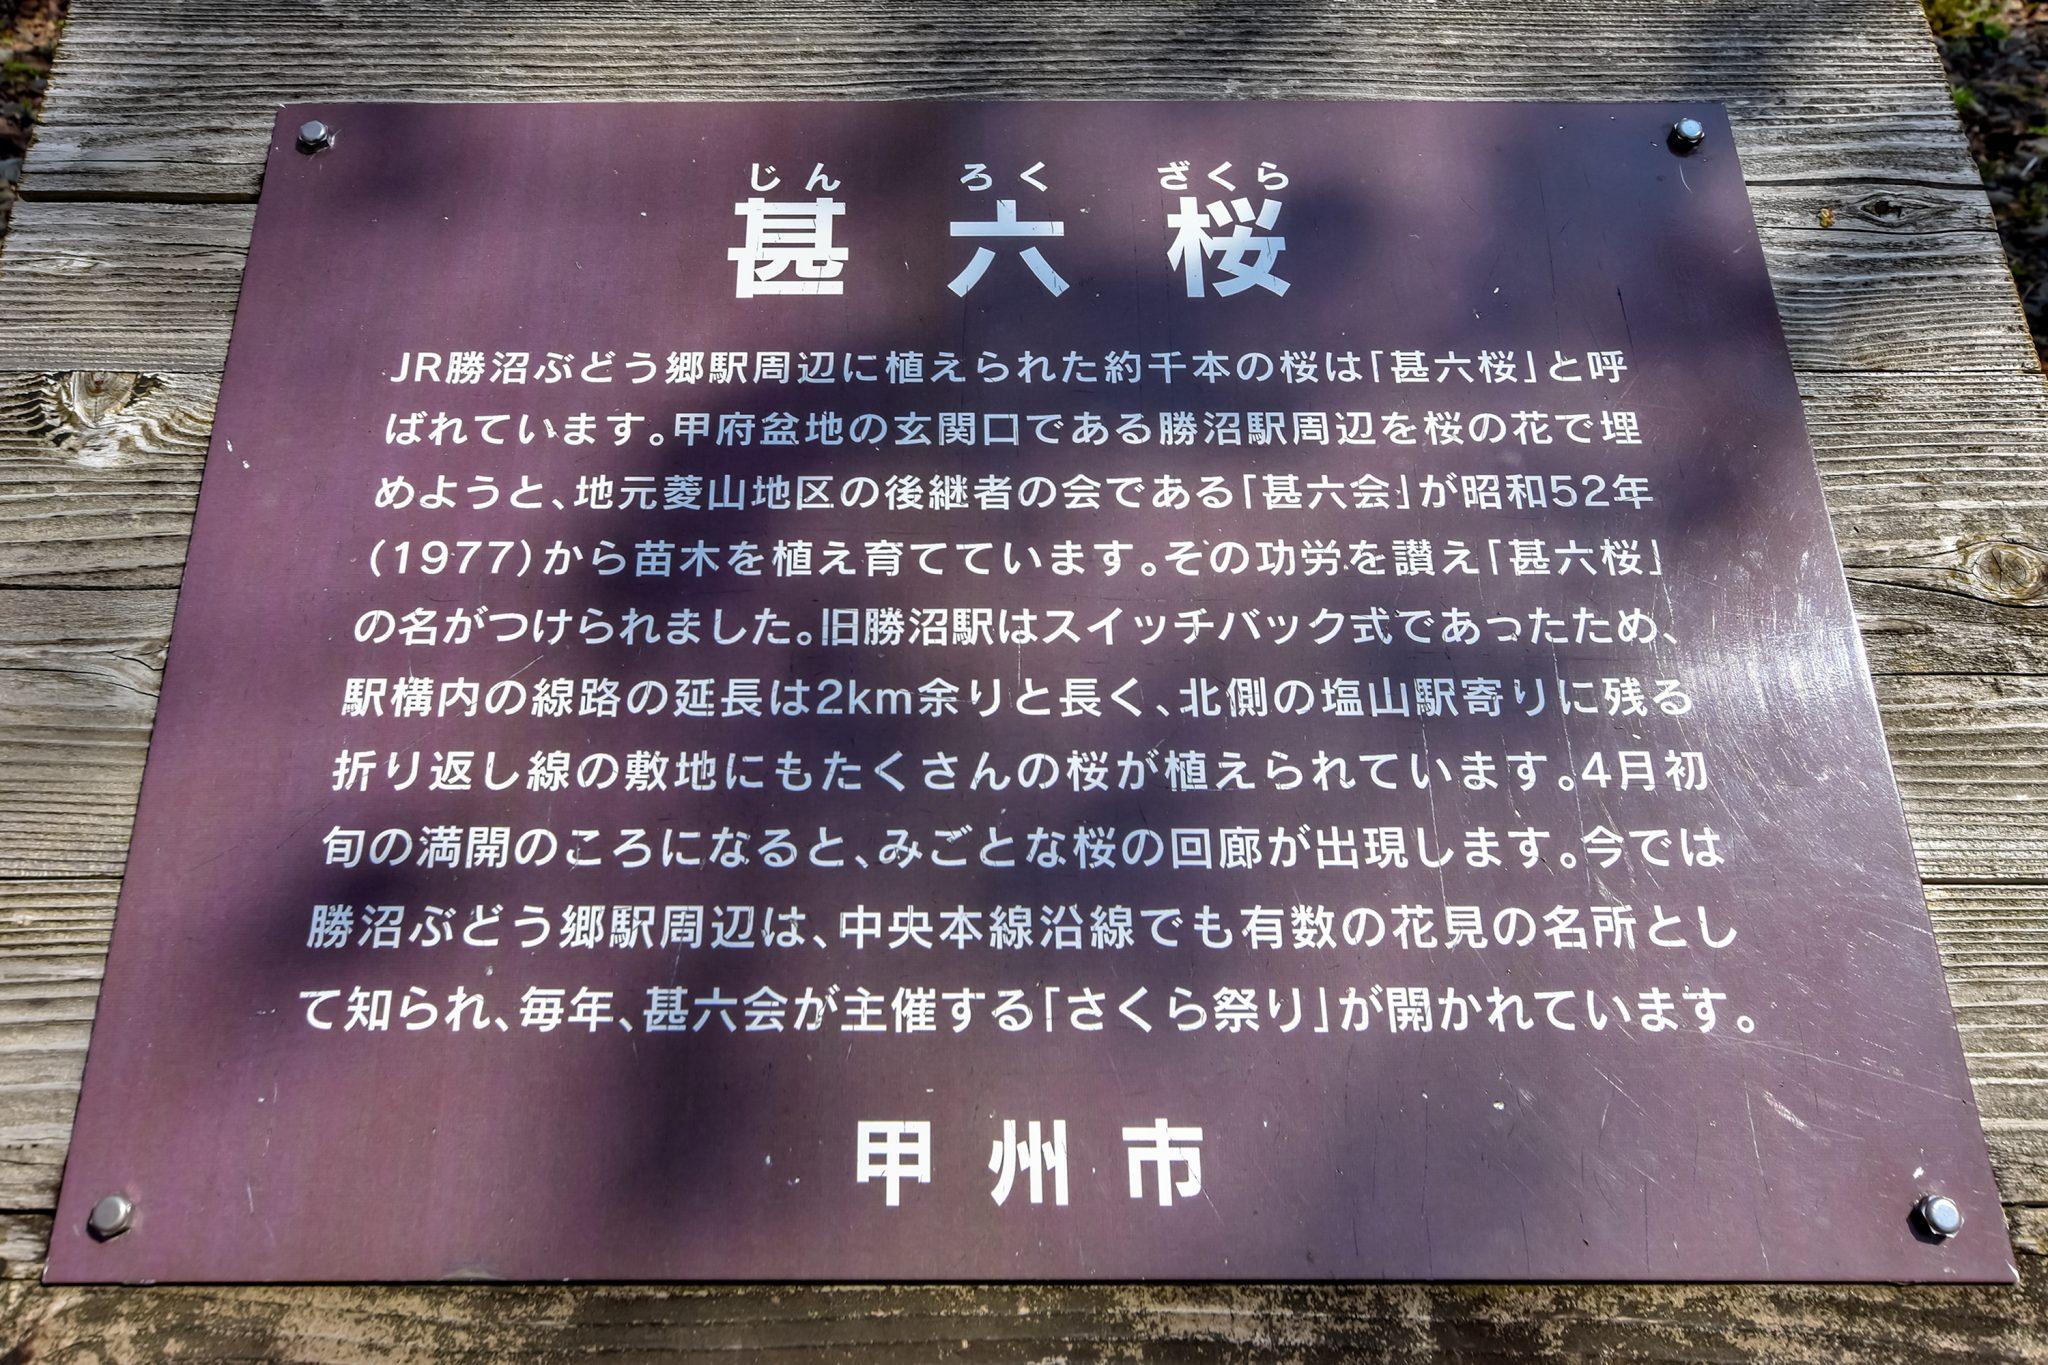 かつぬまぶどう郷駅 甚六桜 写真8